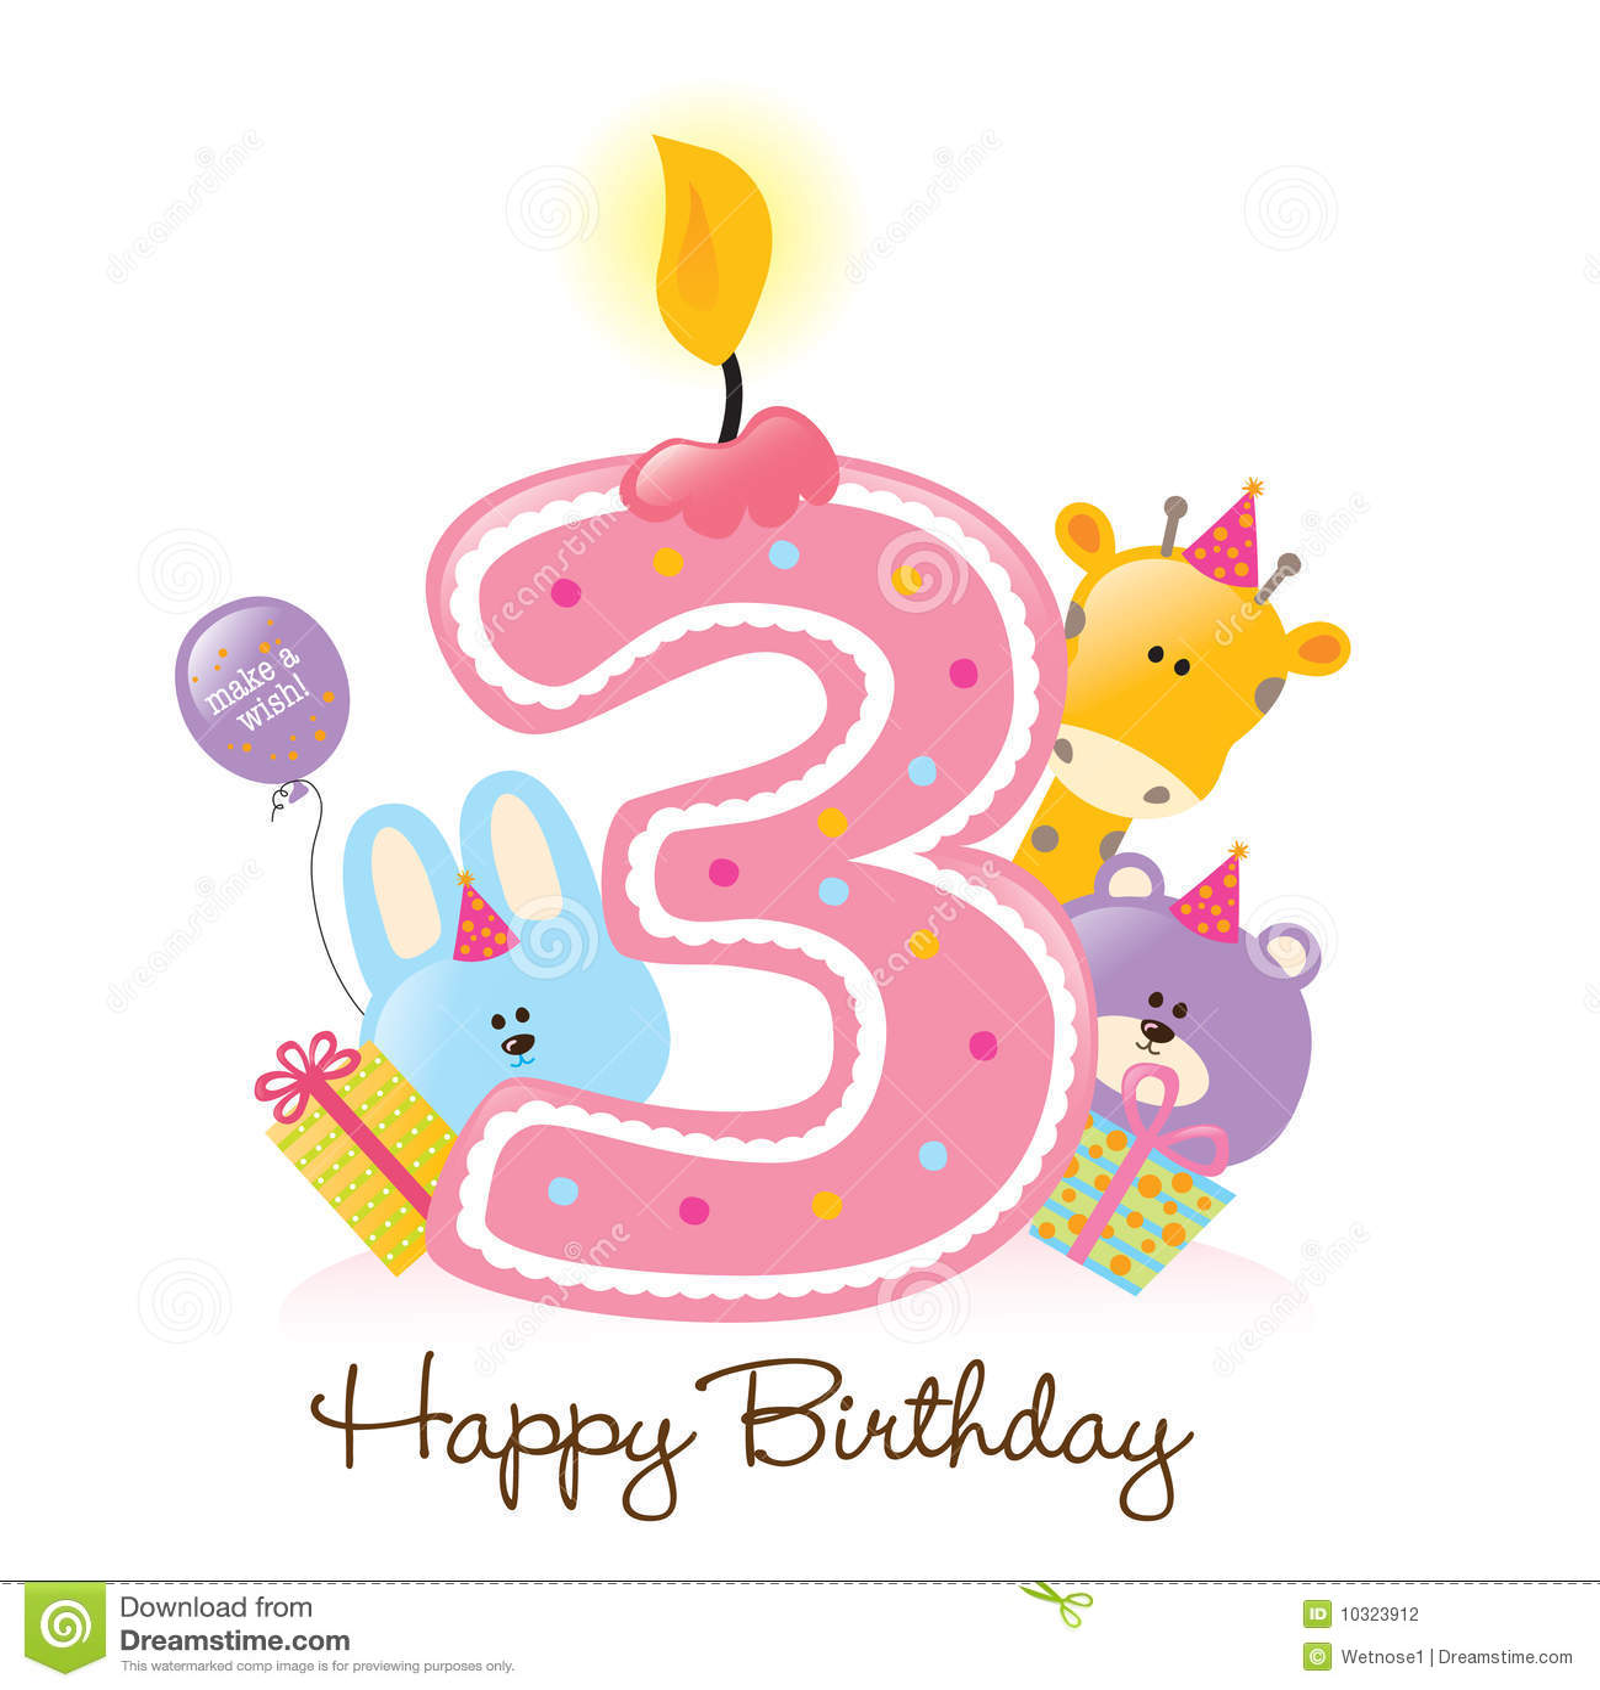 Поздравления с днем рождения на 3 года мальчику Поздравления 58